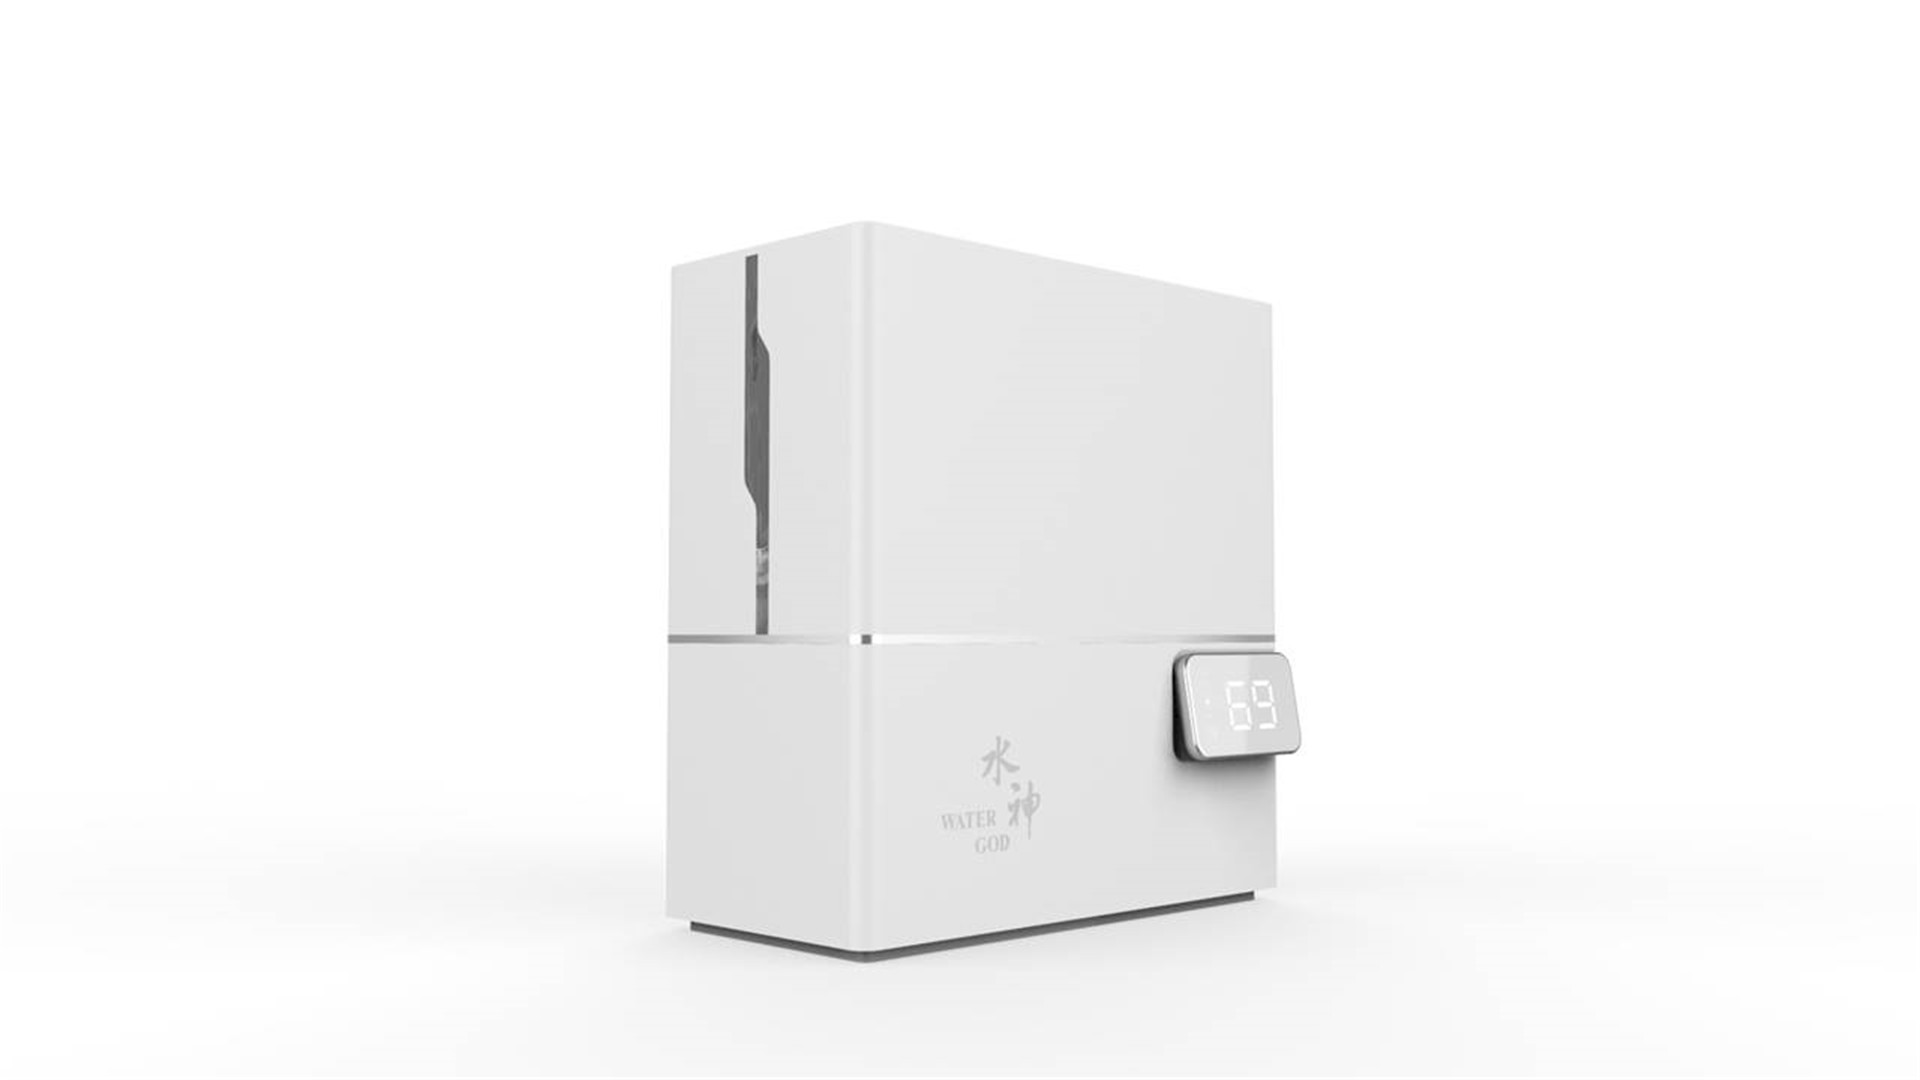 旺旺加湿器_产品设计-来设计